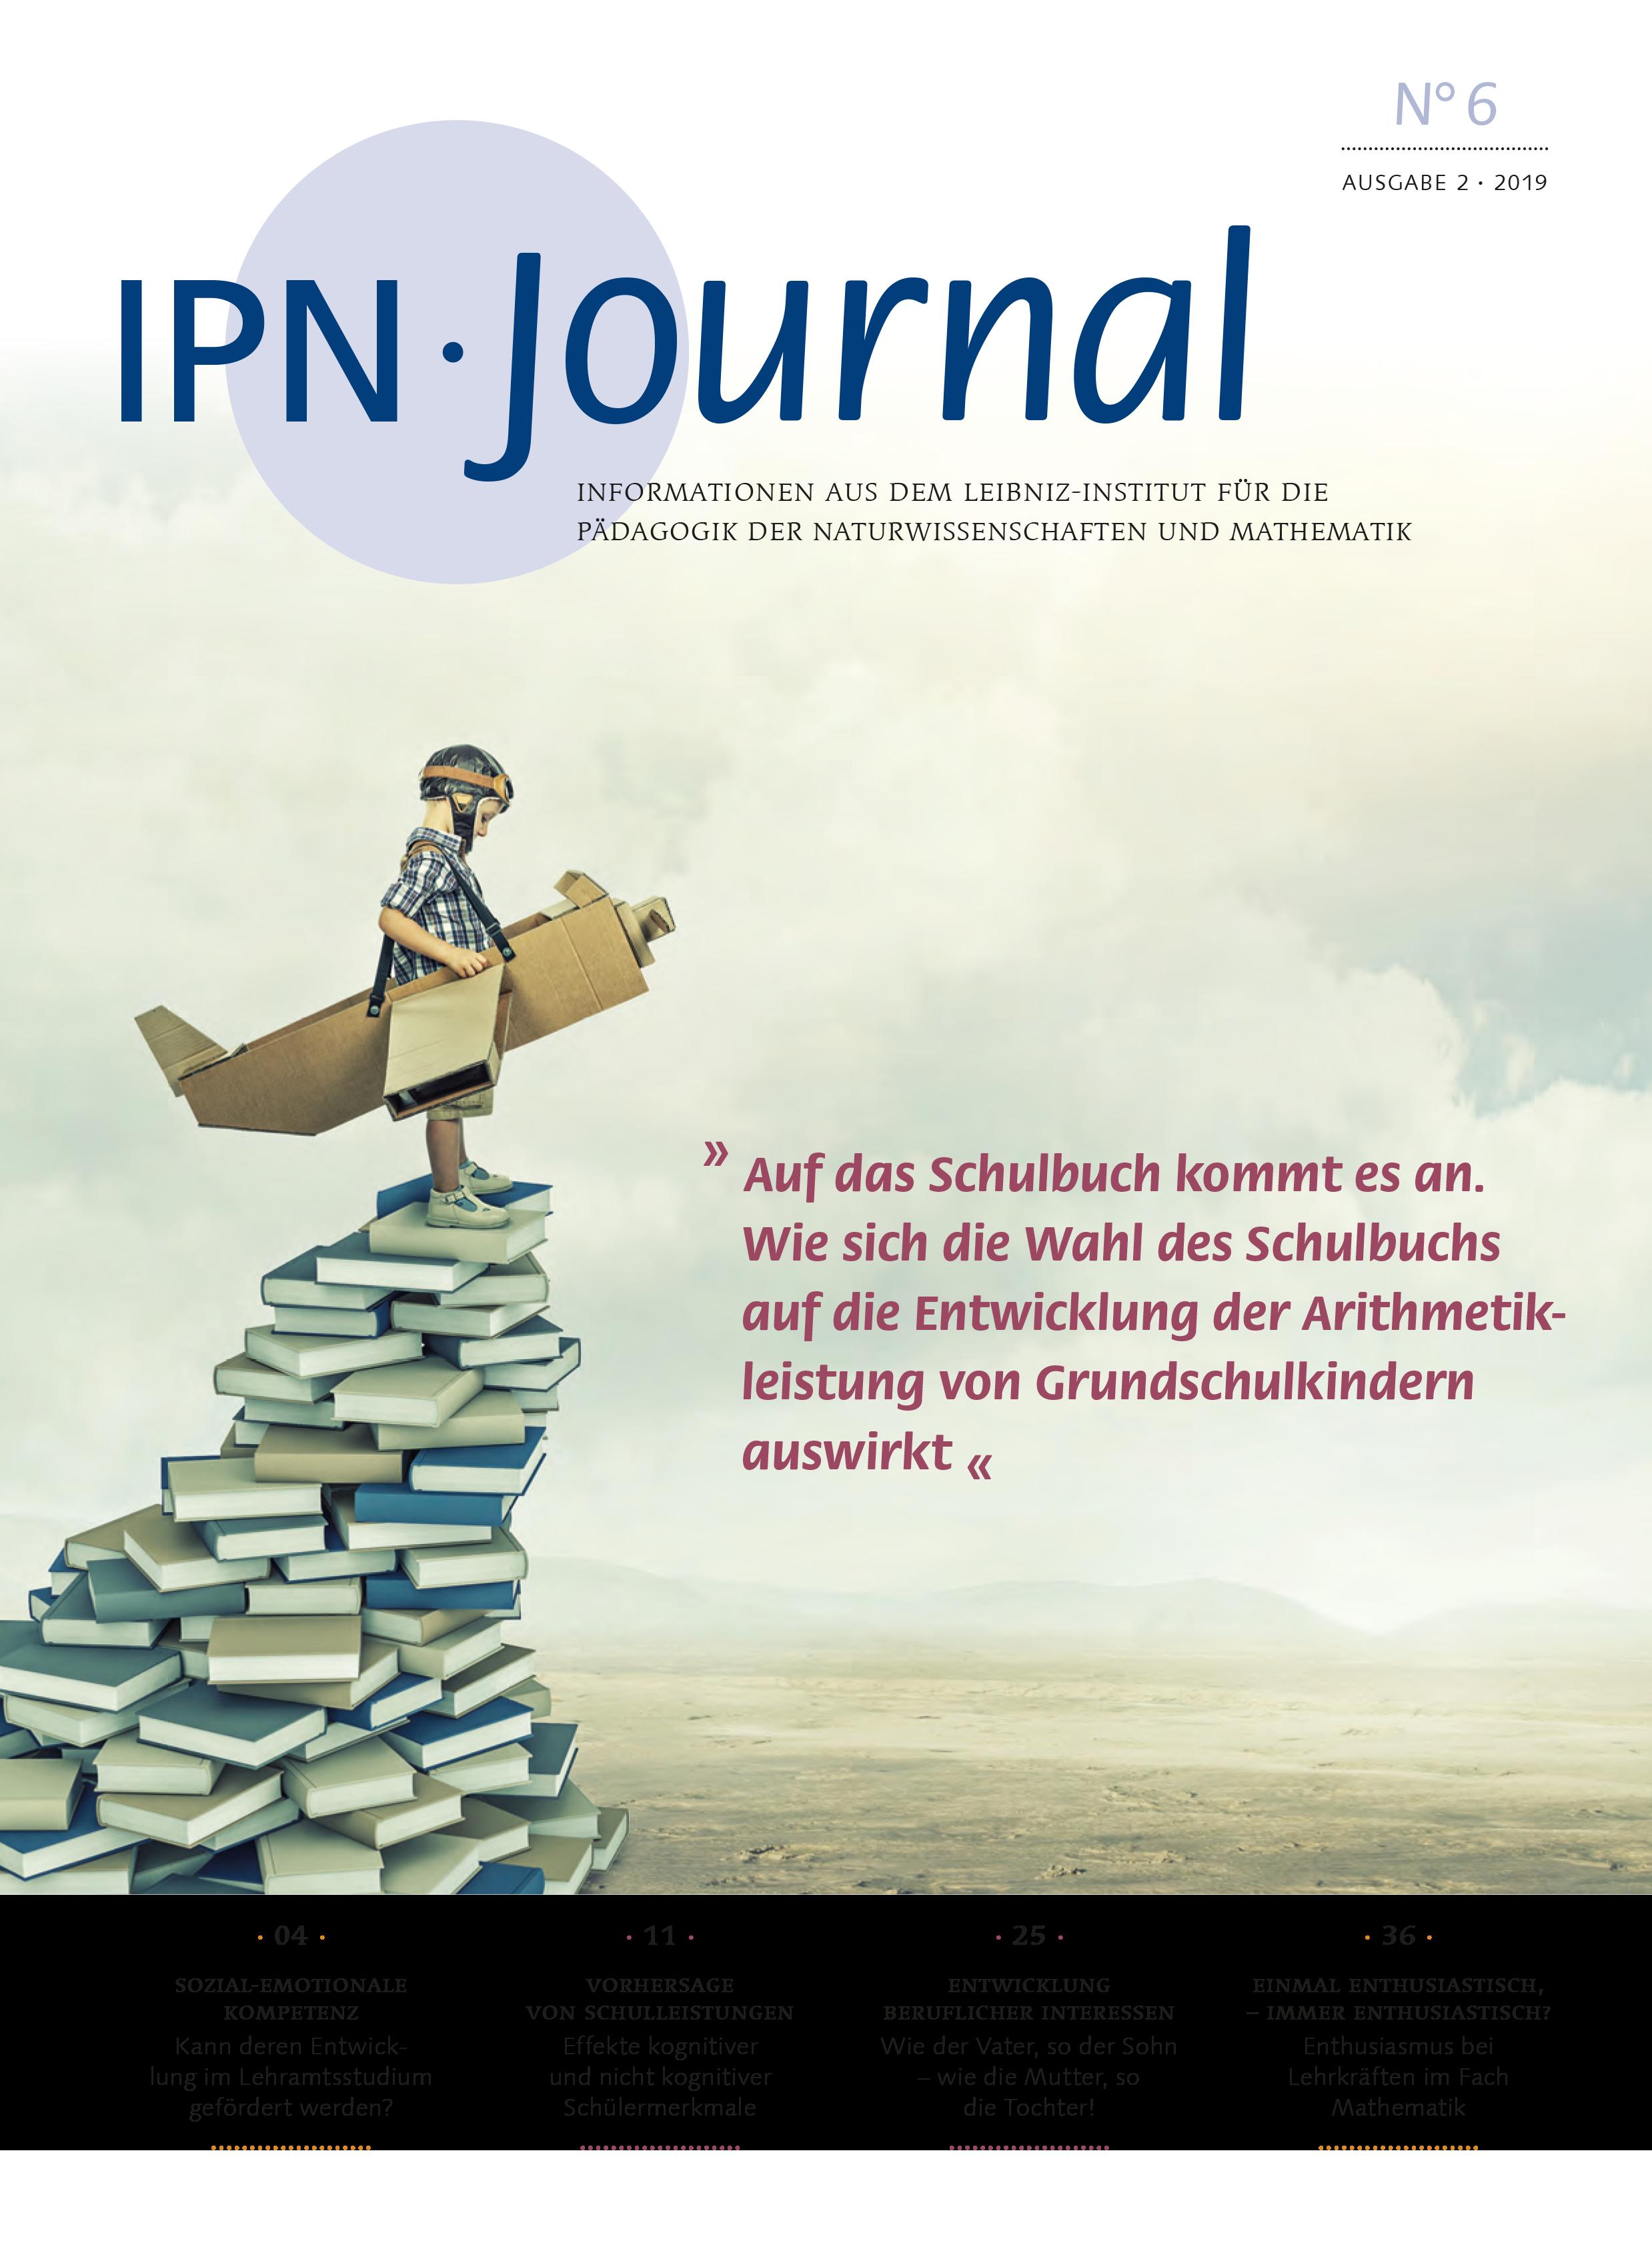 Das neue IPN Journal No. 6 ist erschienen